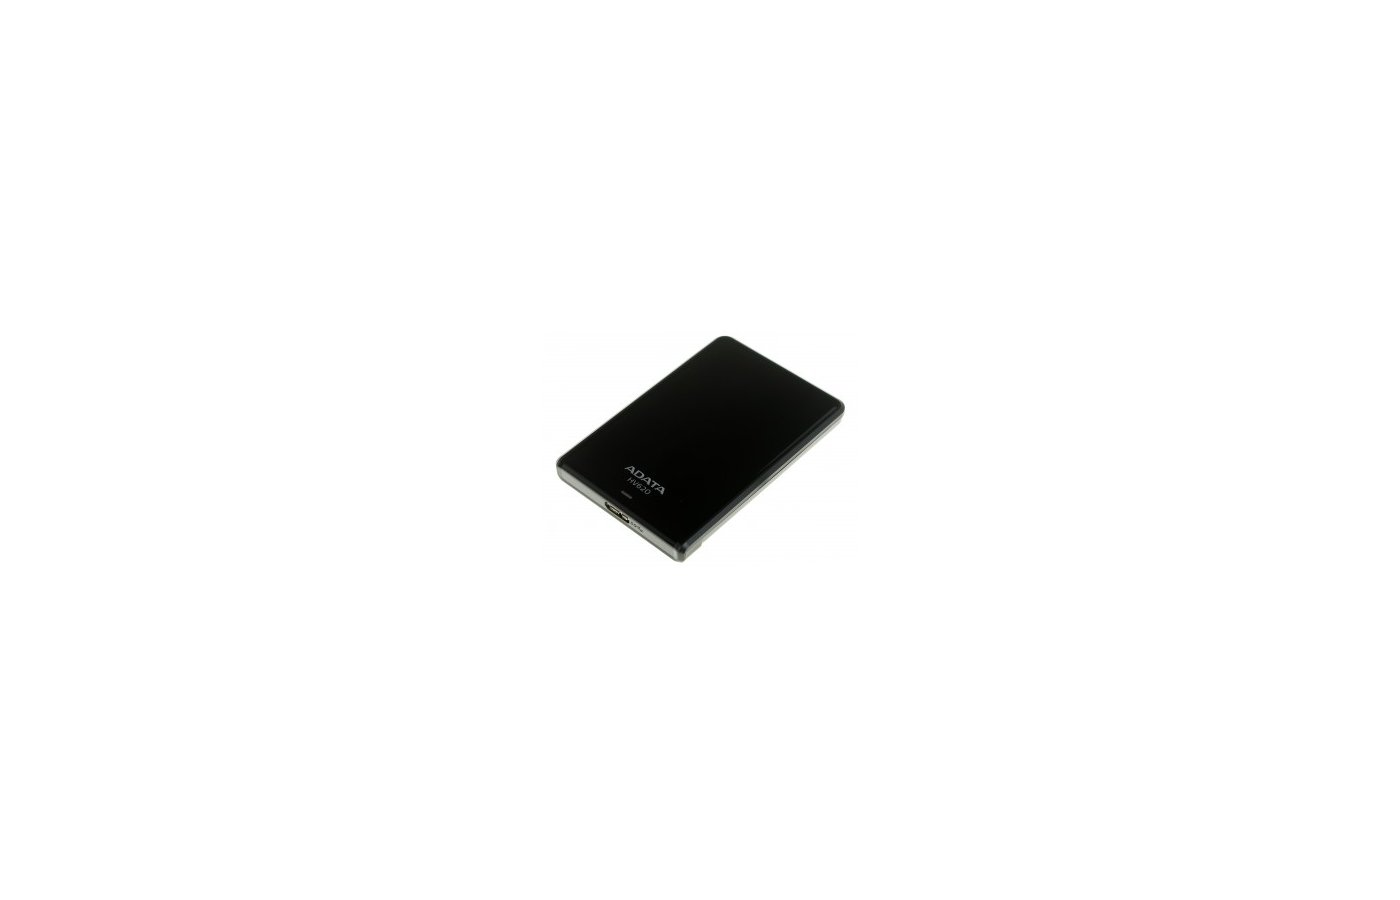 Внешний жесткий диск A-Data USB 3.0 500Gb DashDrive HV620 White